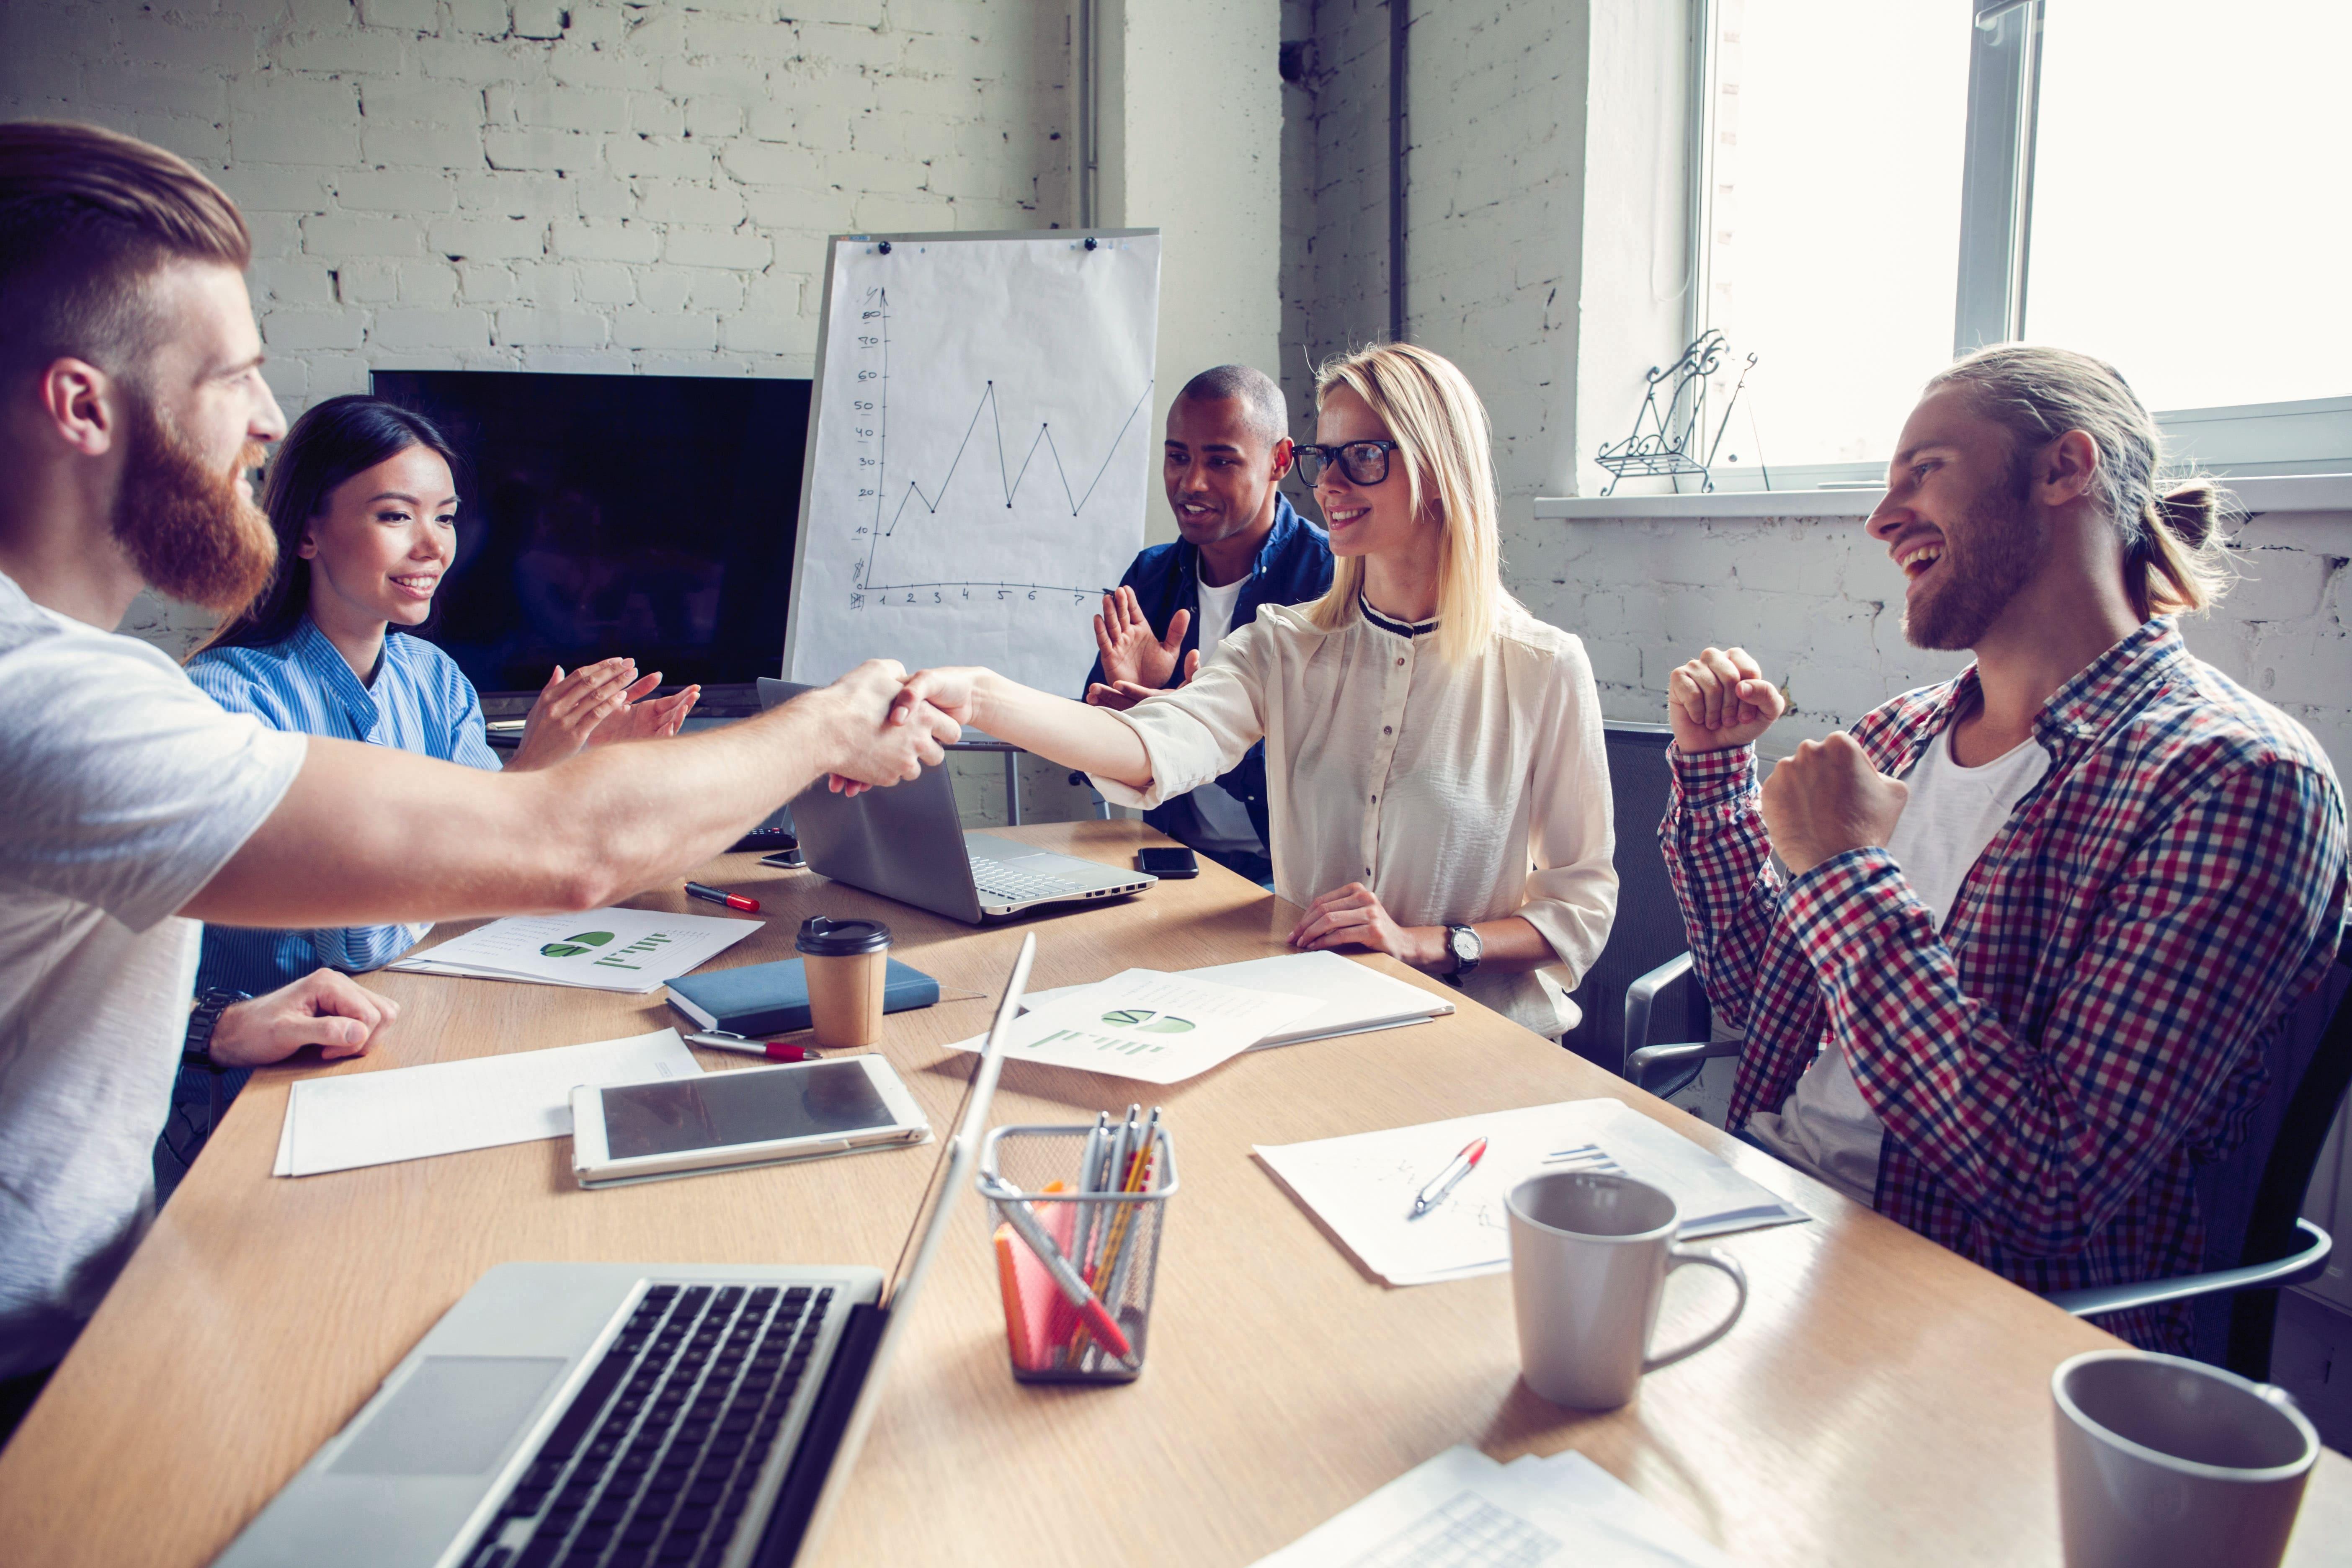 Imagem de alguns colaboradores animados para remeter quem deseja saber como construir o melhor lugar para se trabalhar